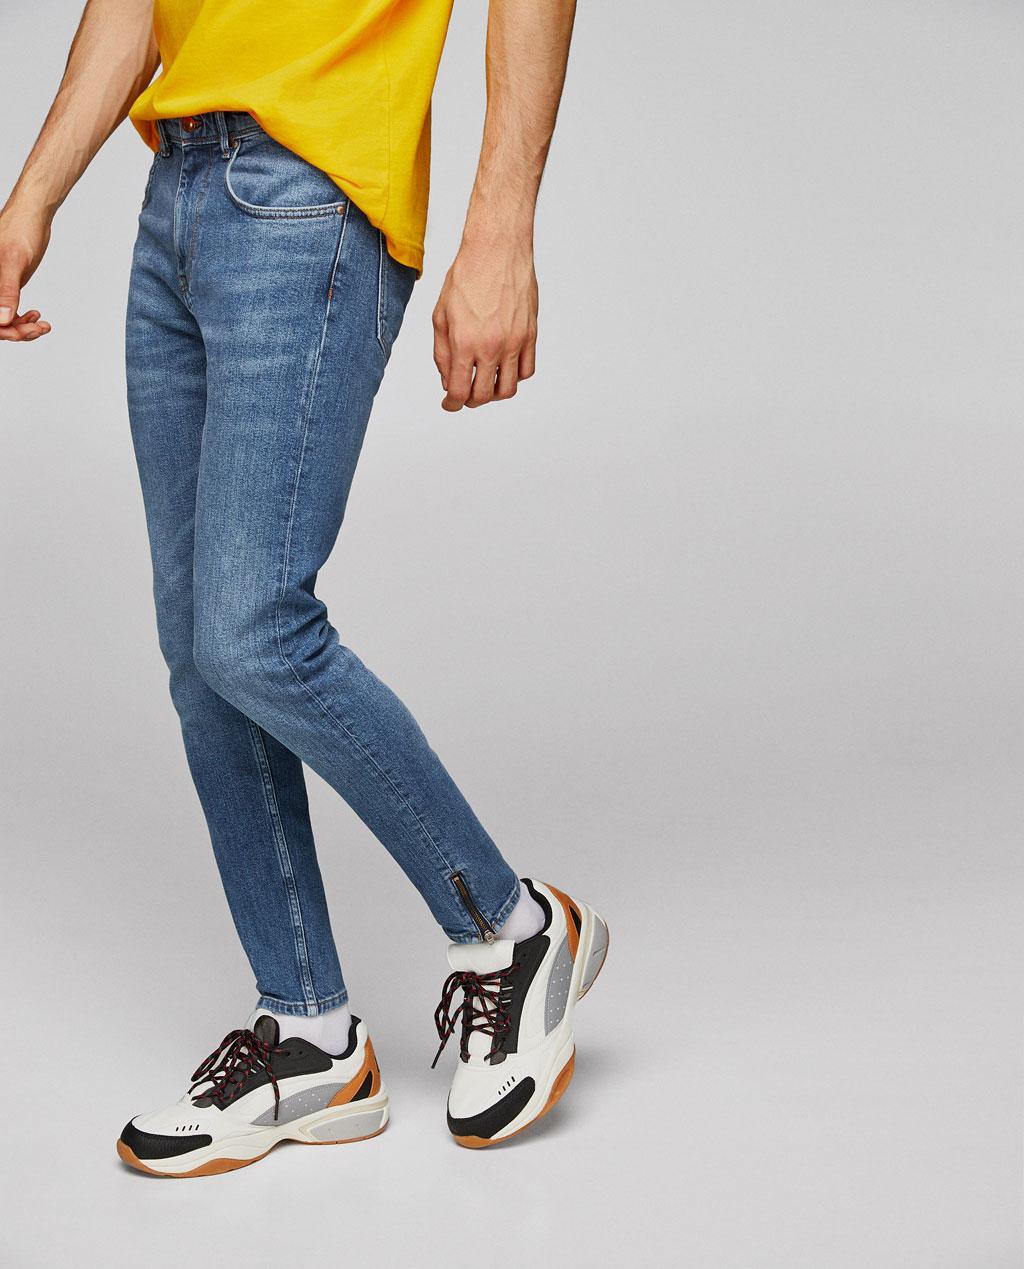 Thời trang nam Zara  24098 - ảnh 10